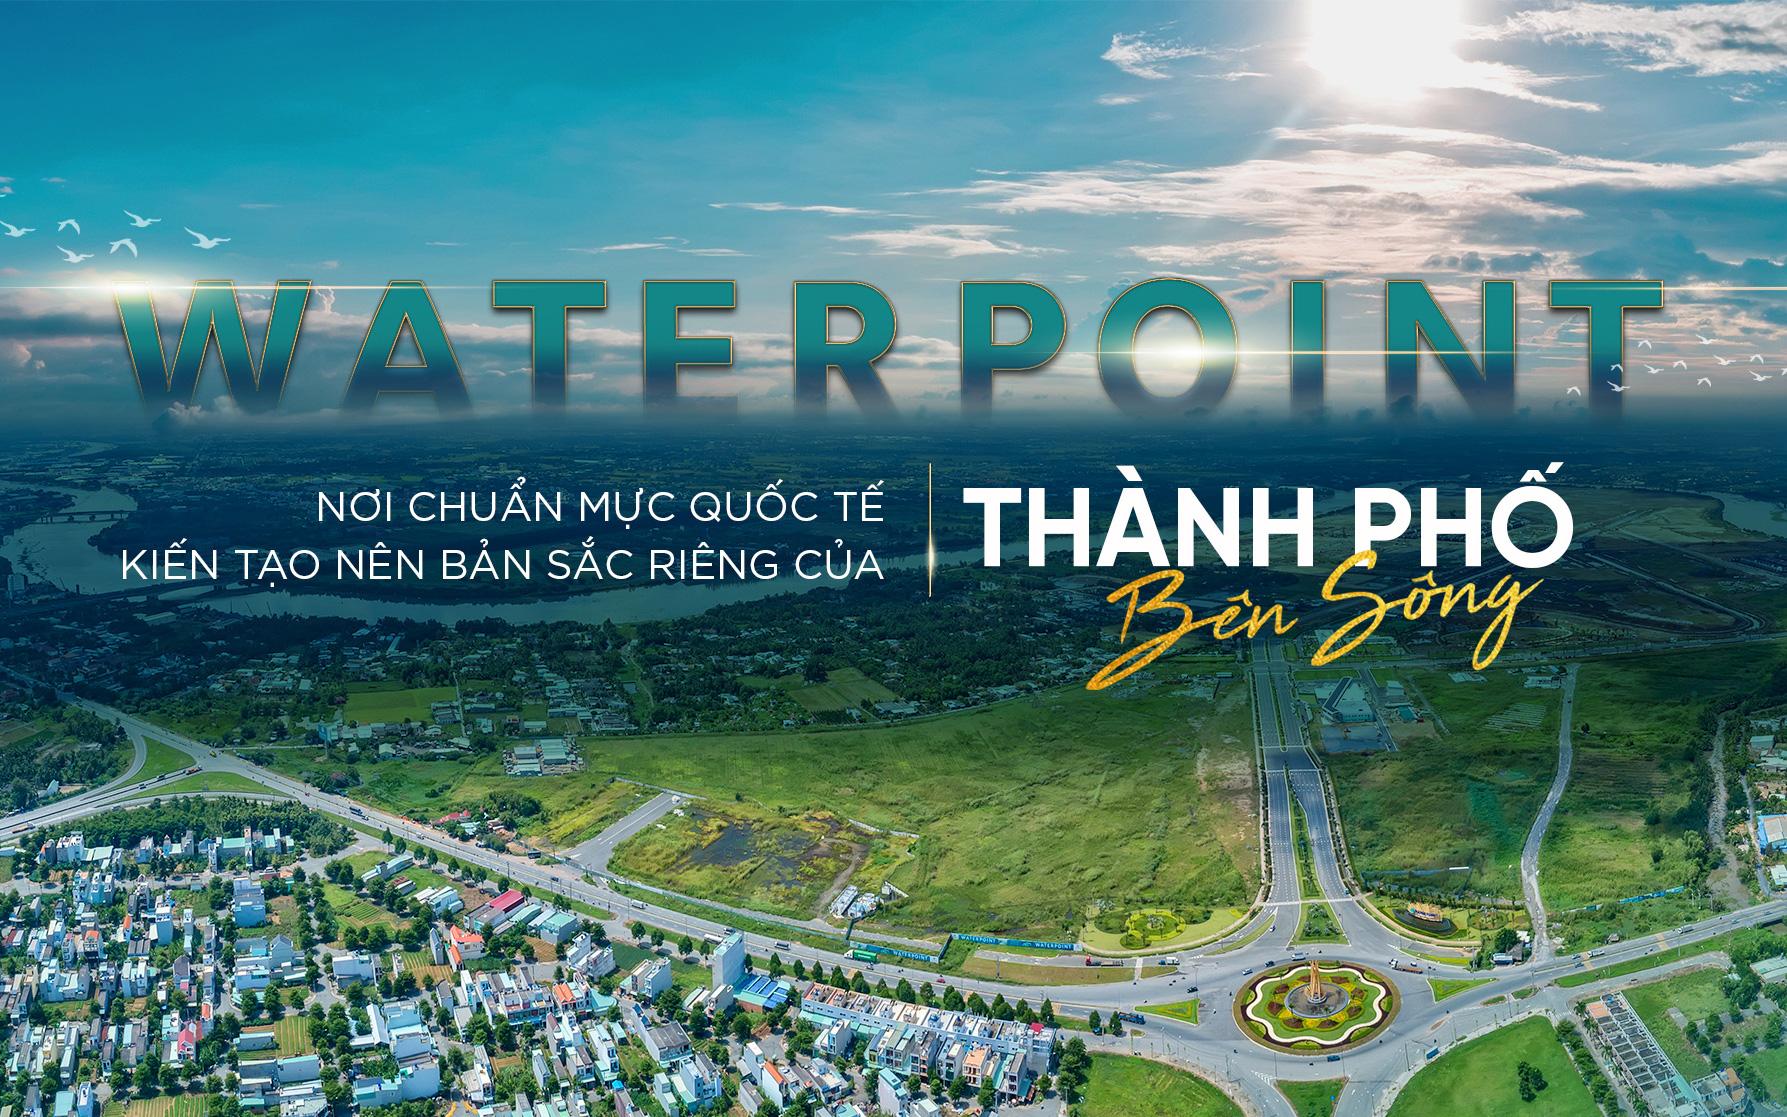 """Waterpoint – Nơi chuẩn mực quốc tế kiến tạo nên bản sắc riêng của """"Thành phố bên sông"""""""